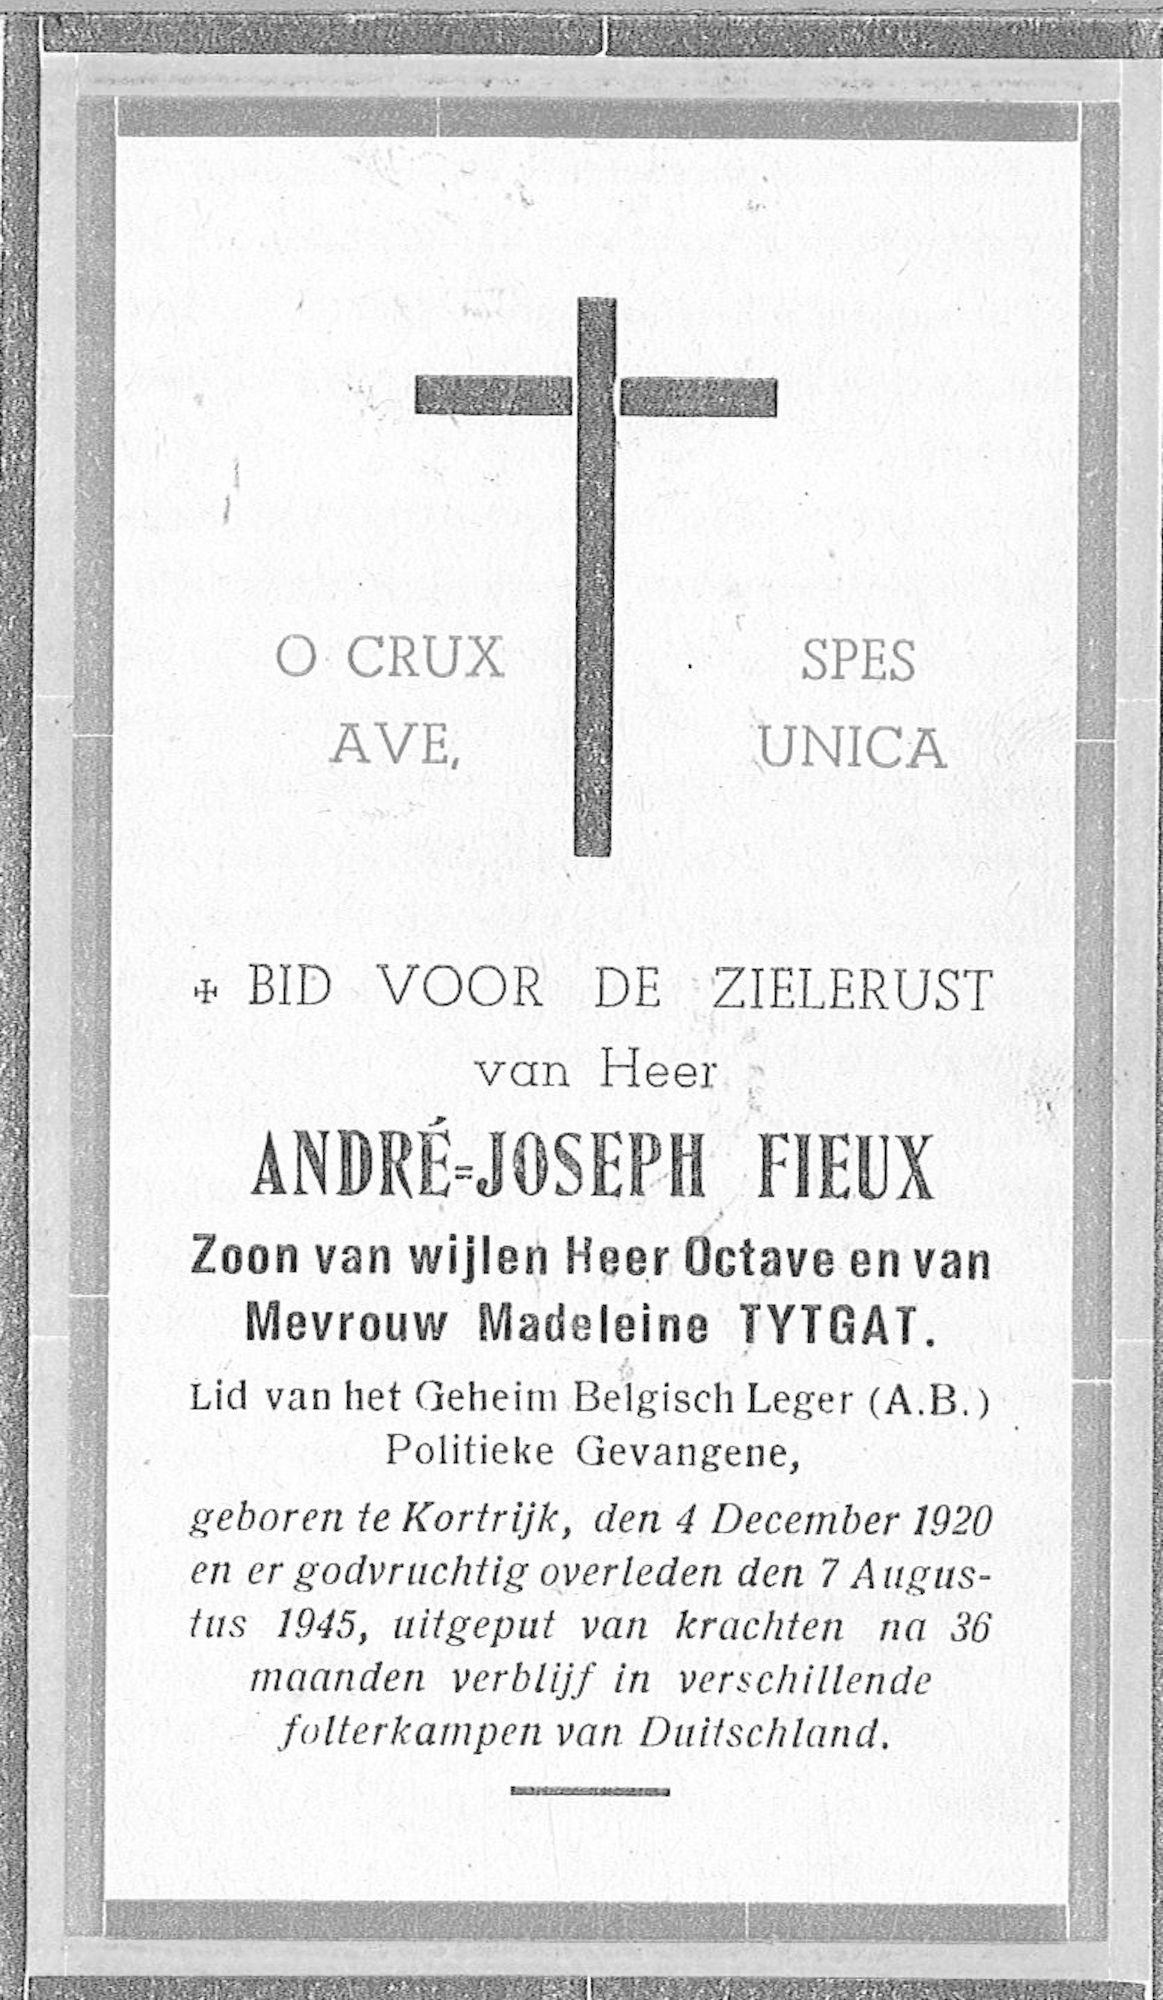 André-Joseph Fieux